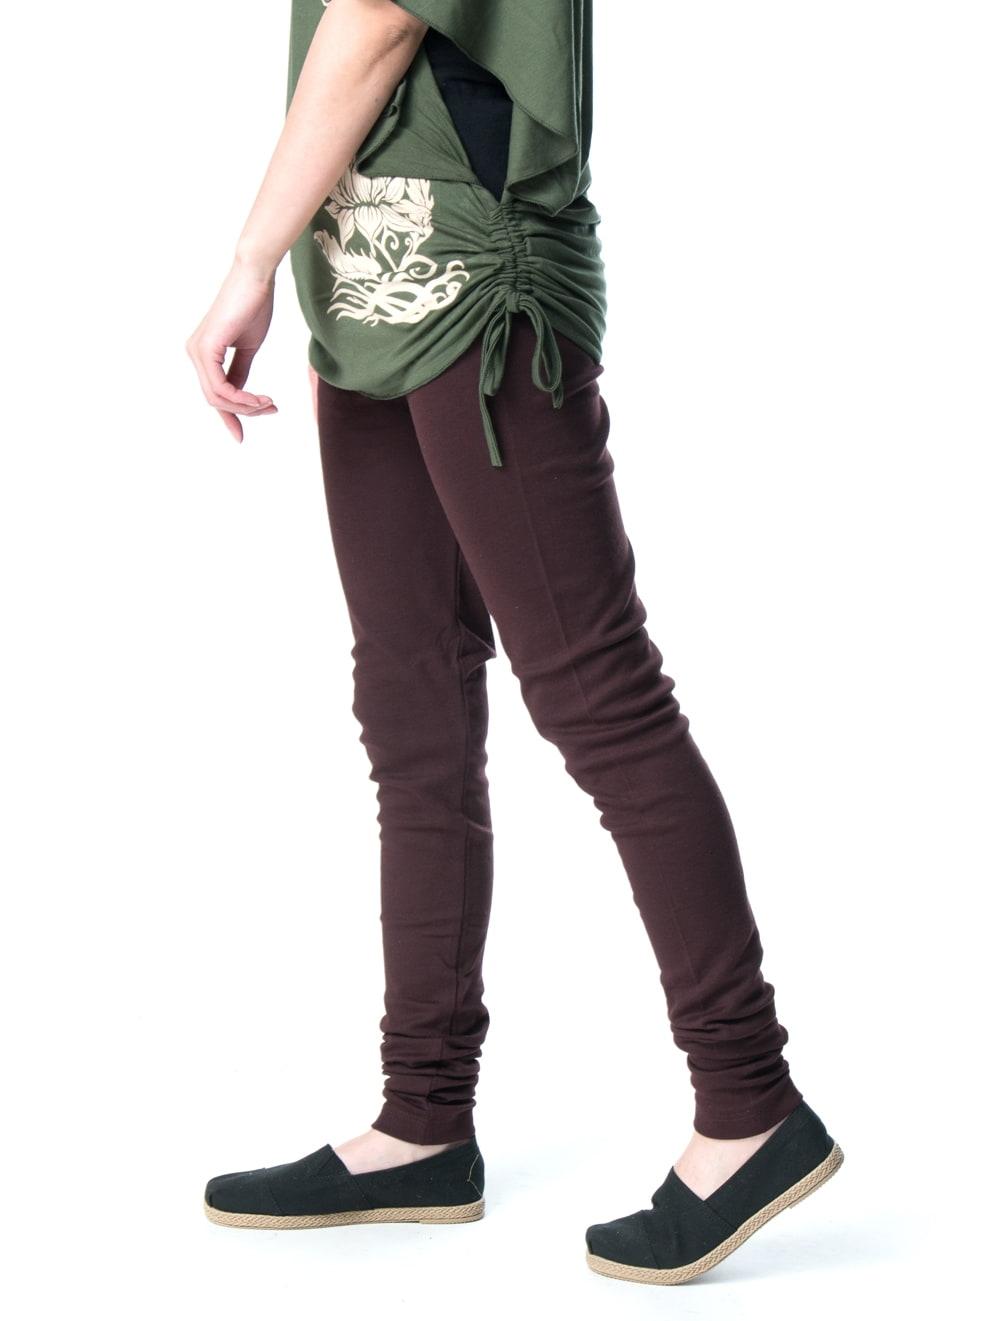 リラックスソフトレギンスパンツ 柔らかな質感が気持ちいい 5 - 身長159cmのモデルさん【選択4:ブラウン】着用例です。横から見てもスッキリ!